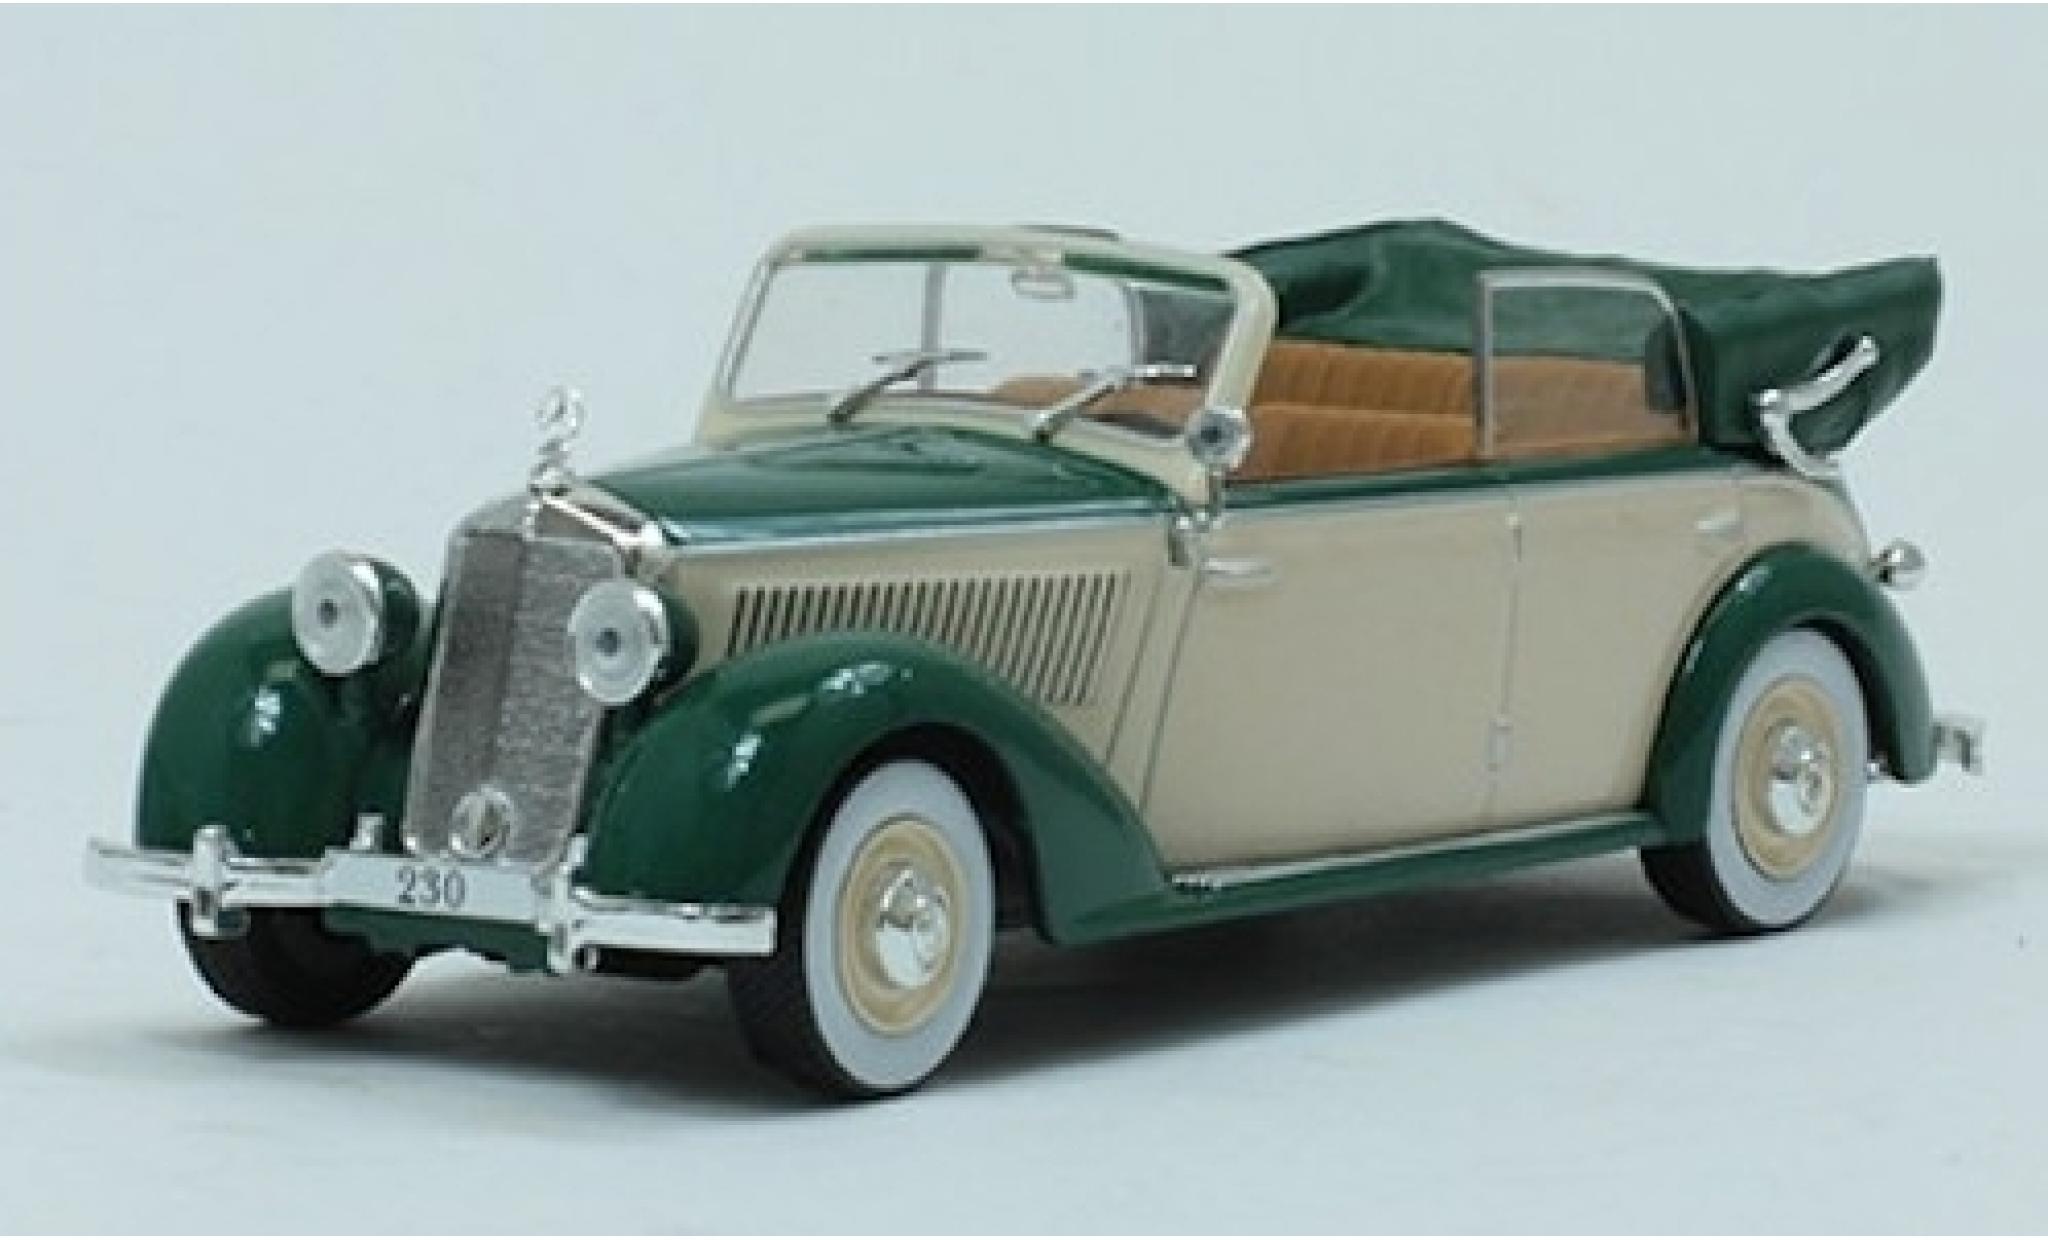 Mercedes 230 1/43 SpecialC 115 Cabriolet D verte/beige 1939 ohne Vitrine